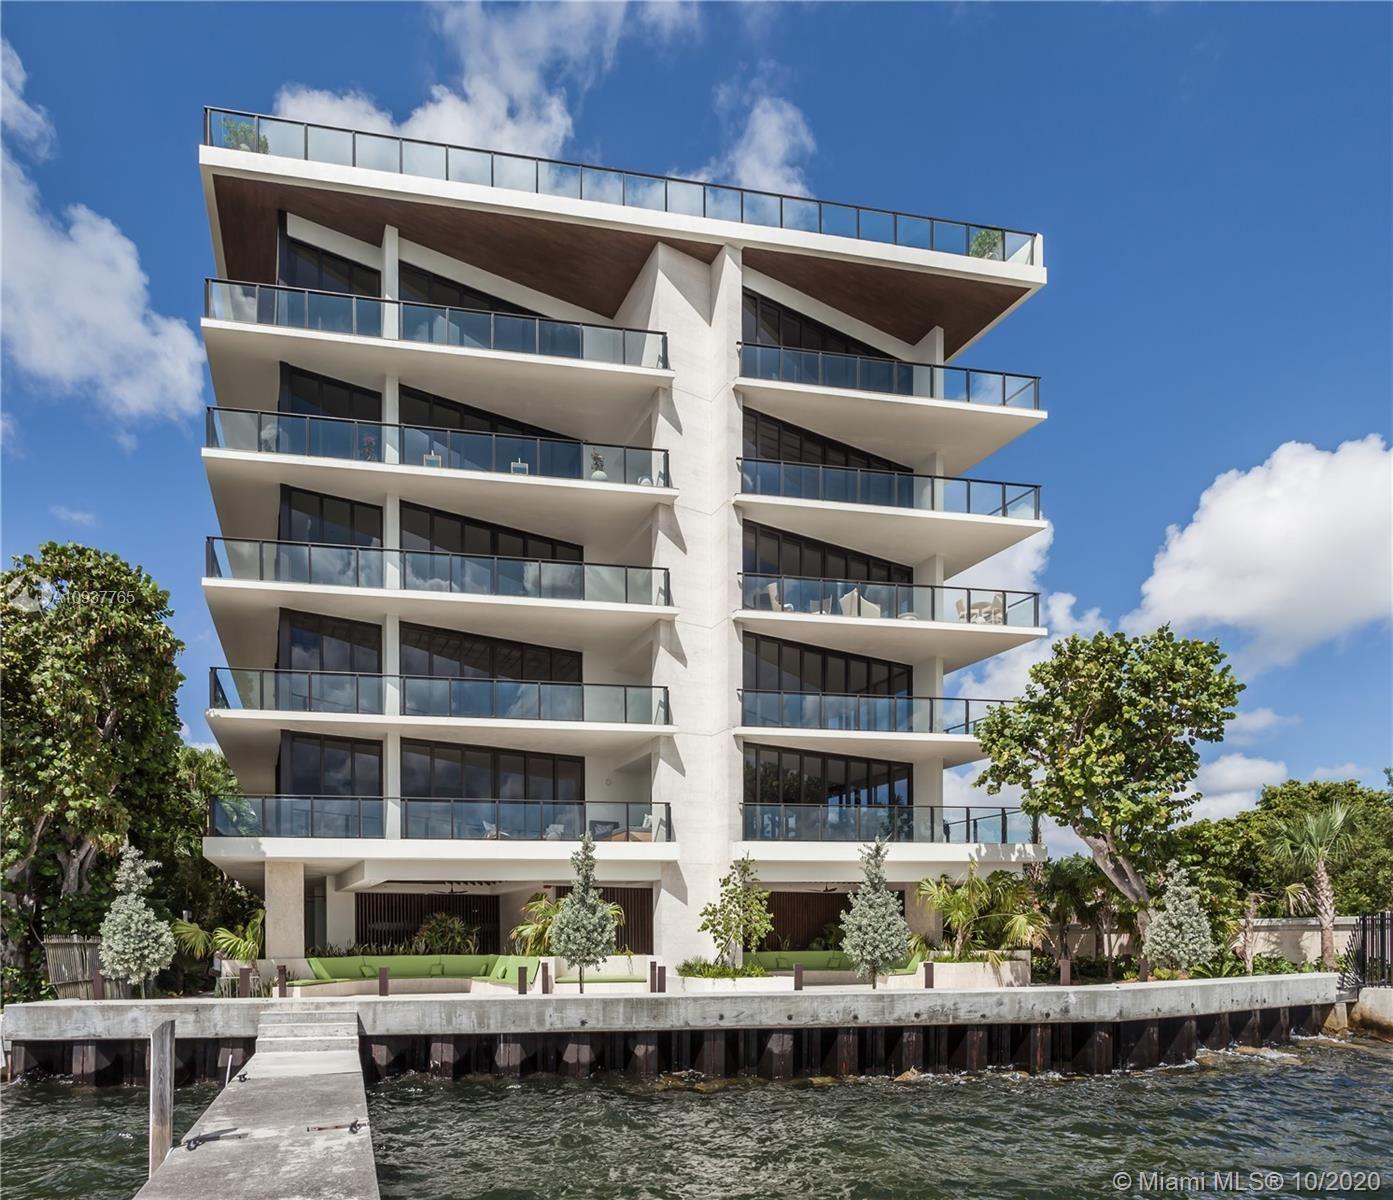 3581 E Glencoe #203, Miami, FL 33133 - #: A10937765